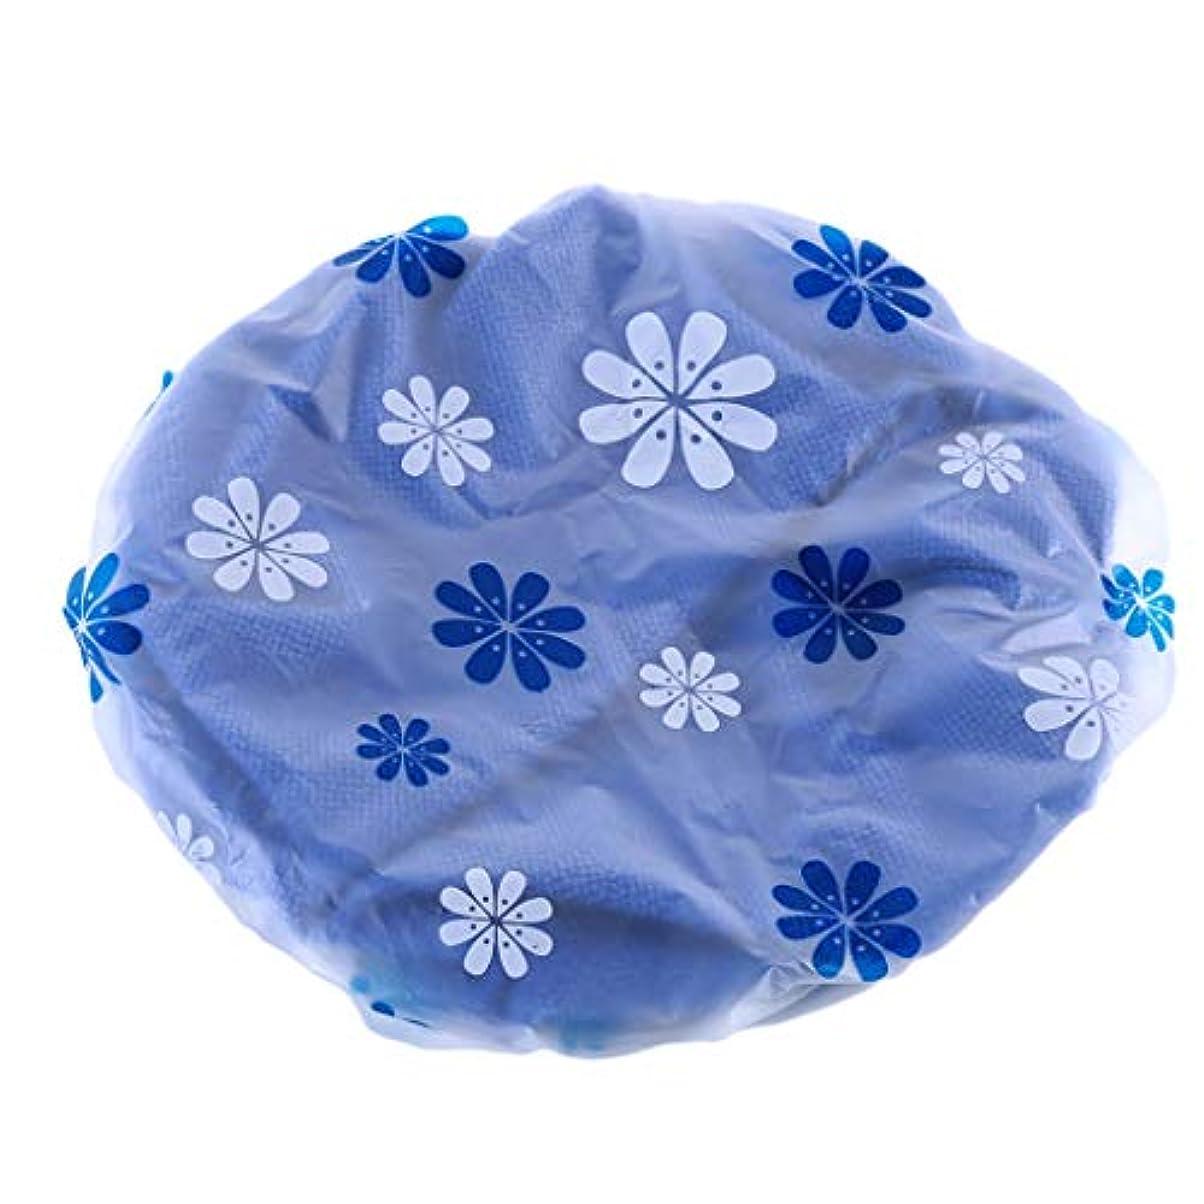 地元送料振るうMARUIKAO シャワーキャップ 入浴キャップ ヘアキャップ ヘアーターバン 帽子 お風呂 シャワー用に 5色